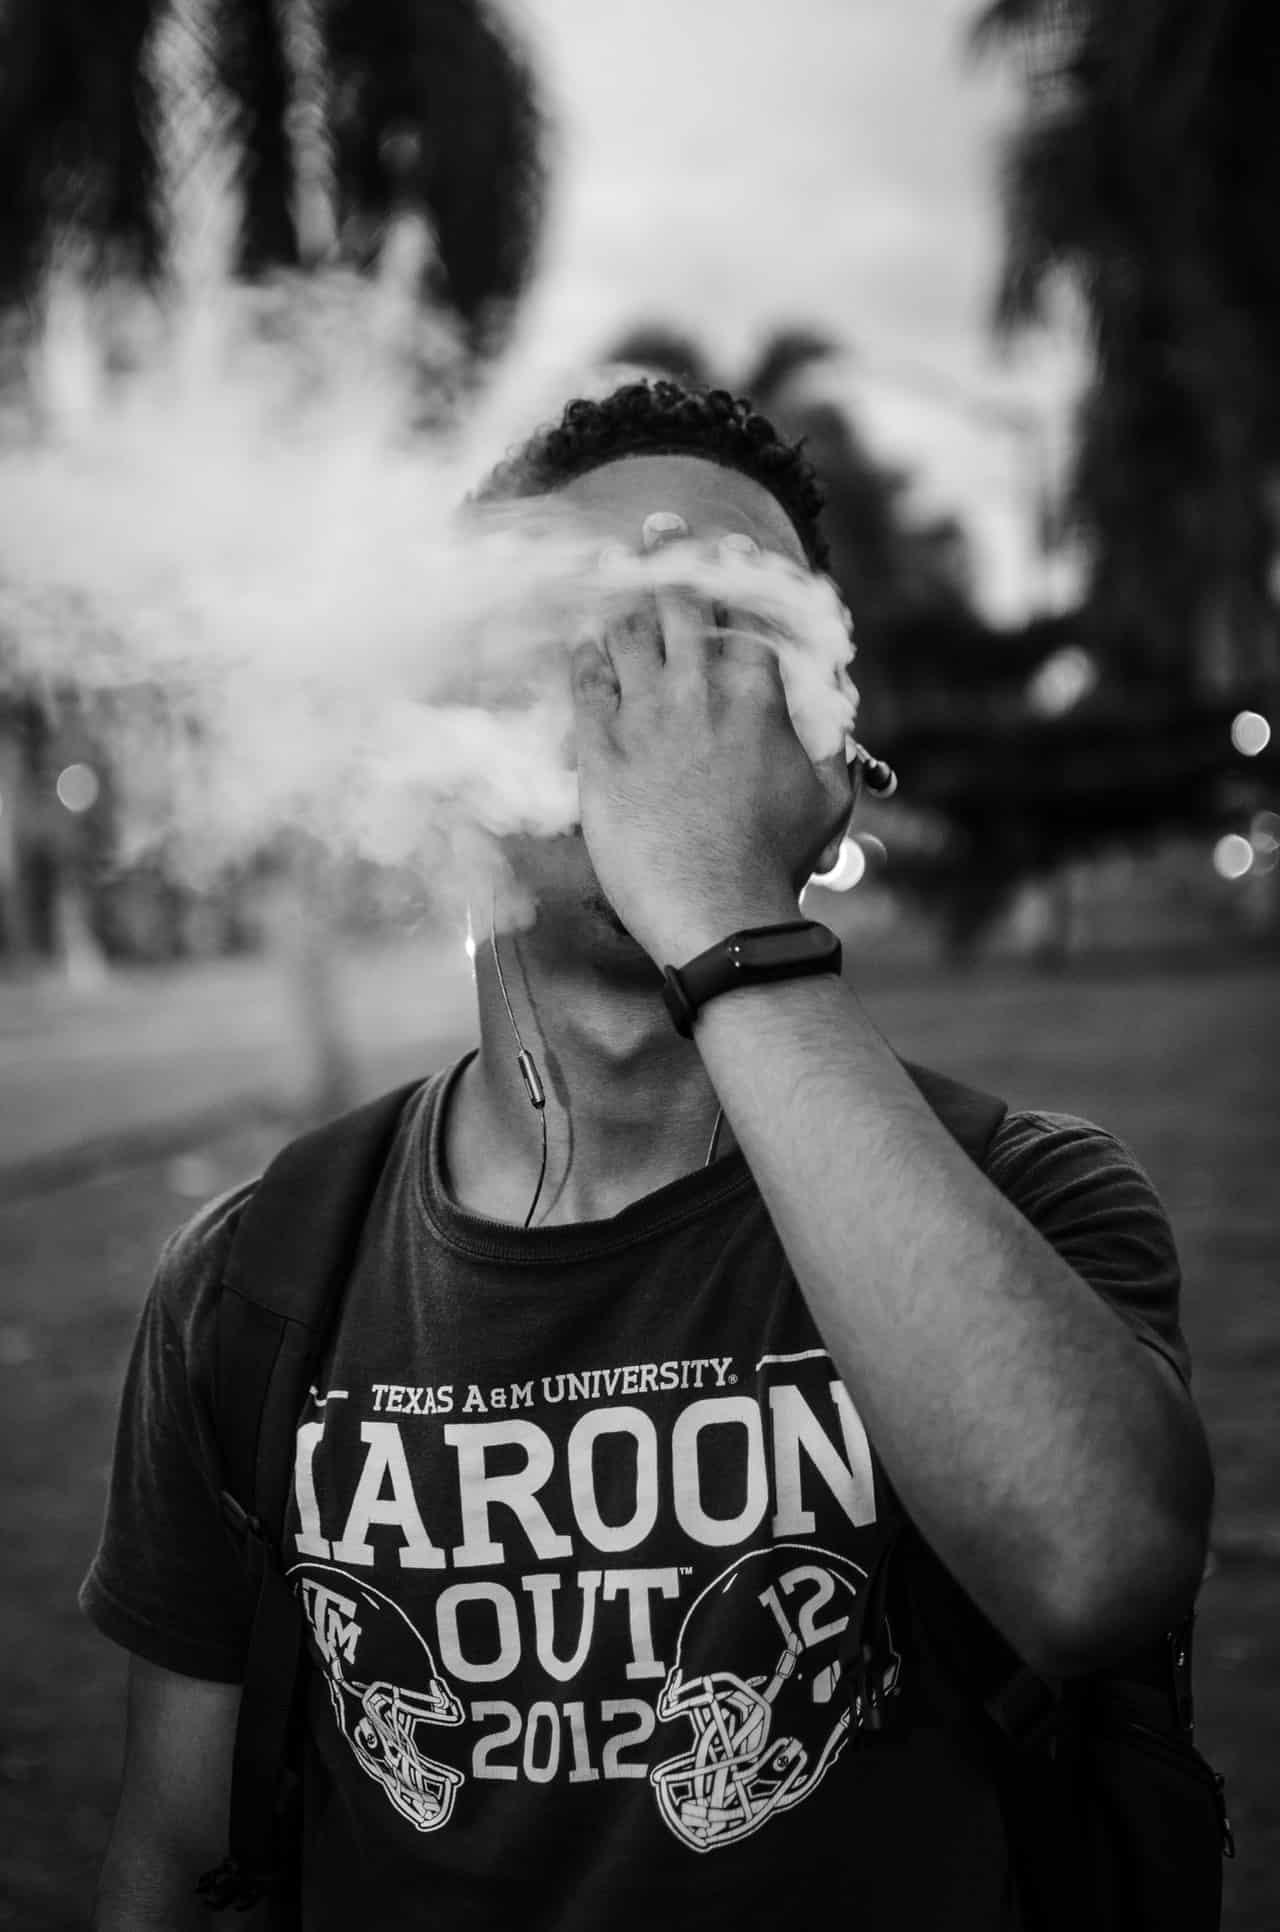 Mann pustet Qualm aus nach Rauchen